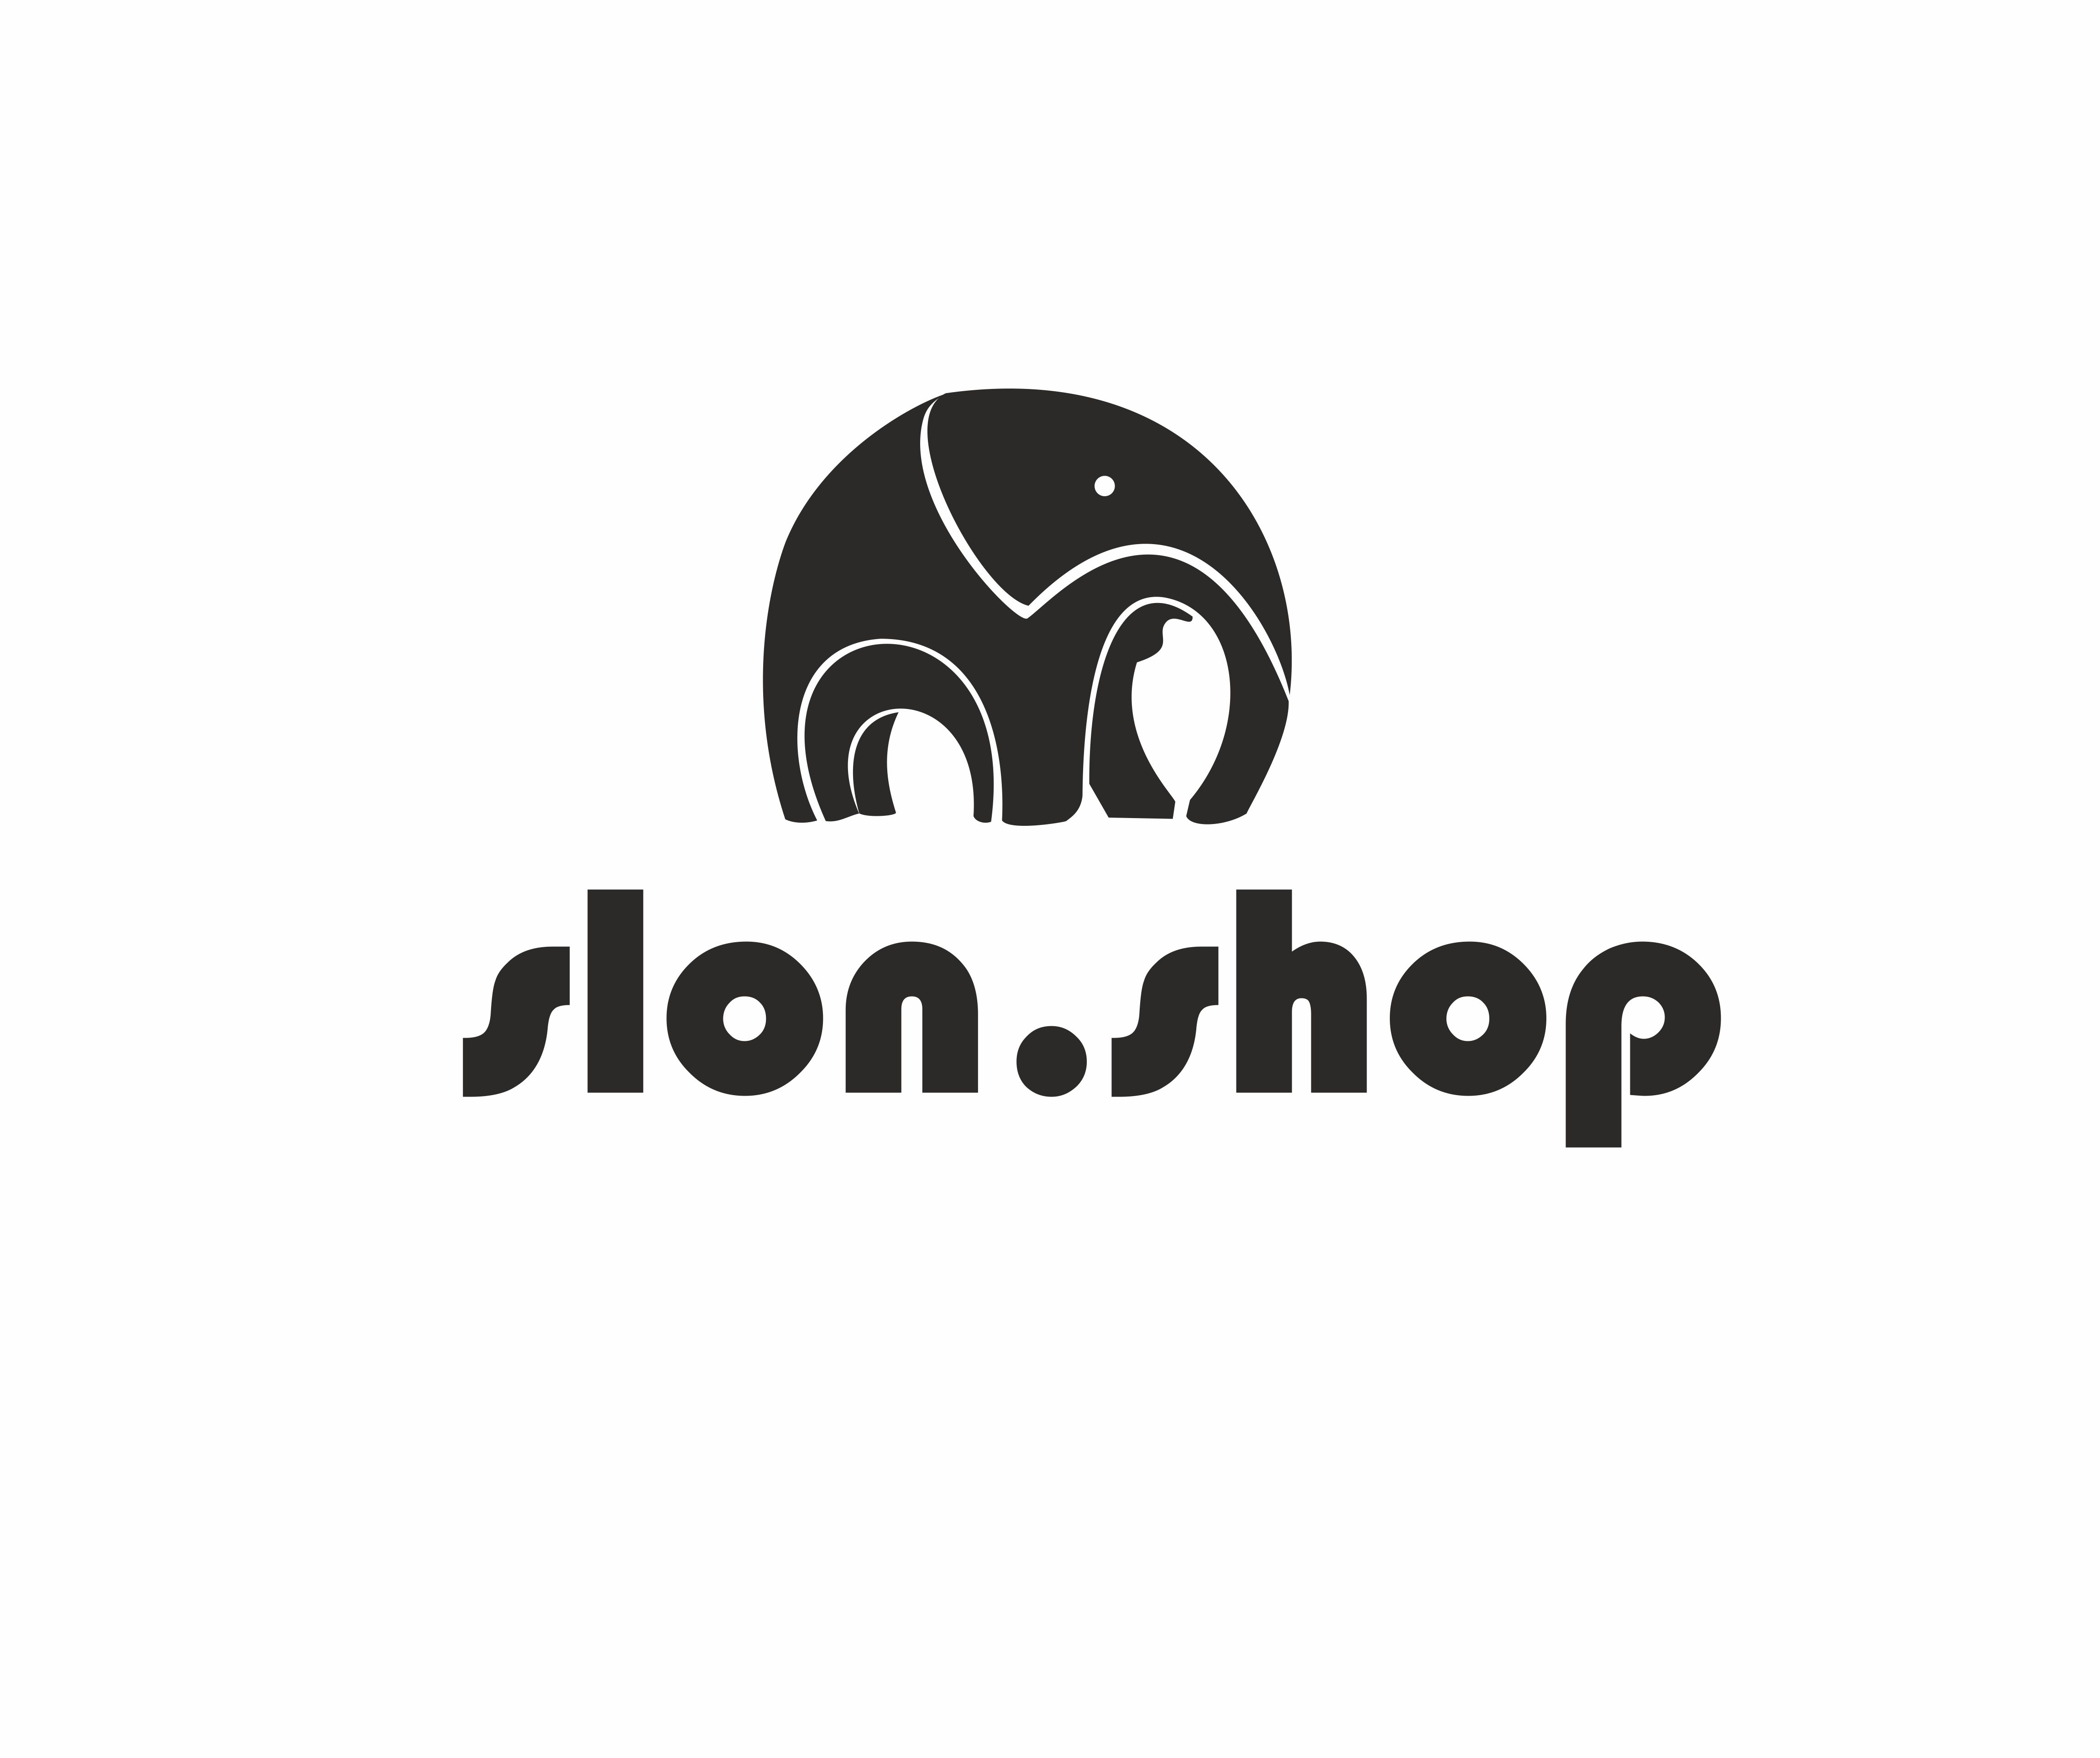 Разработать логотип и фирменный стиль интернет-магазина  фото f_833598d6df993249.jpg